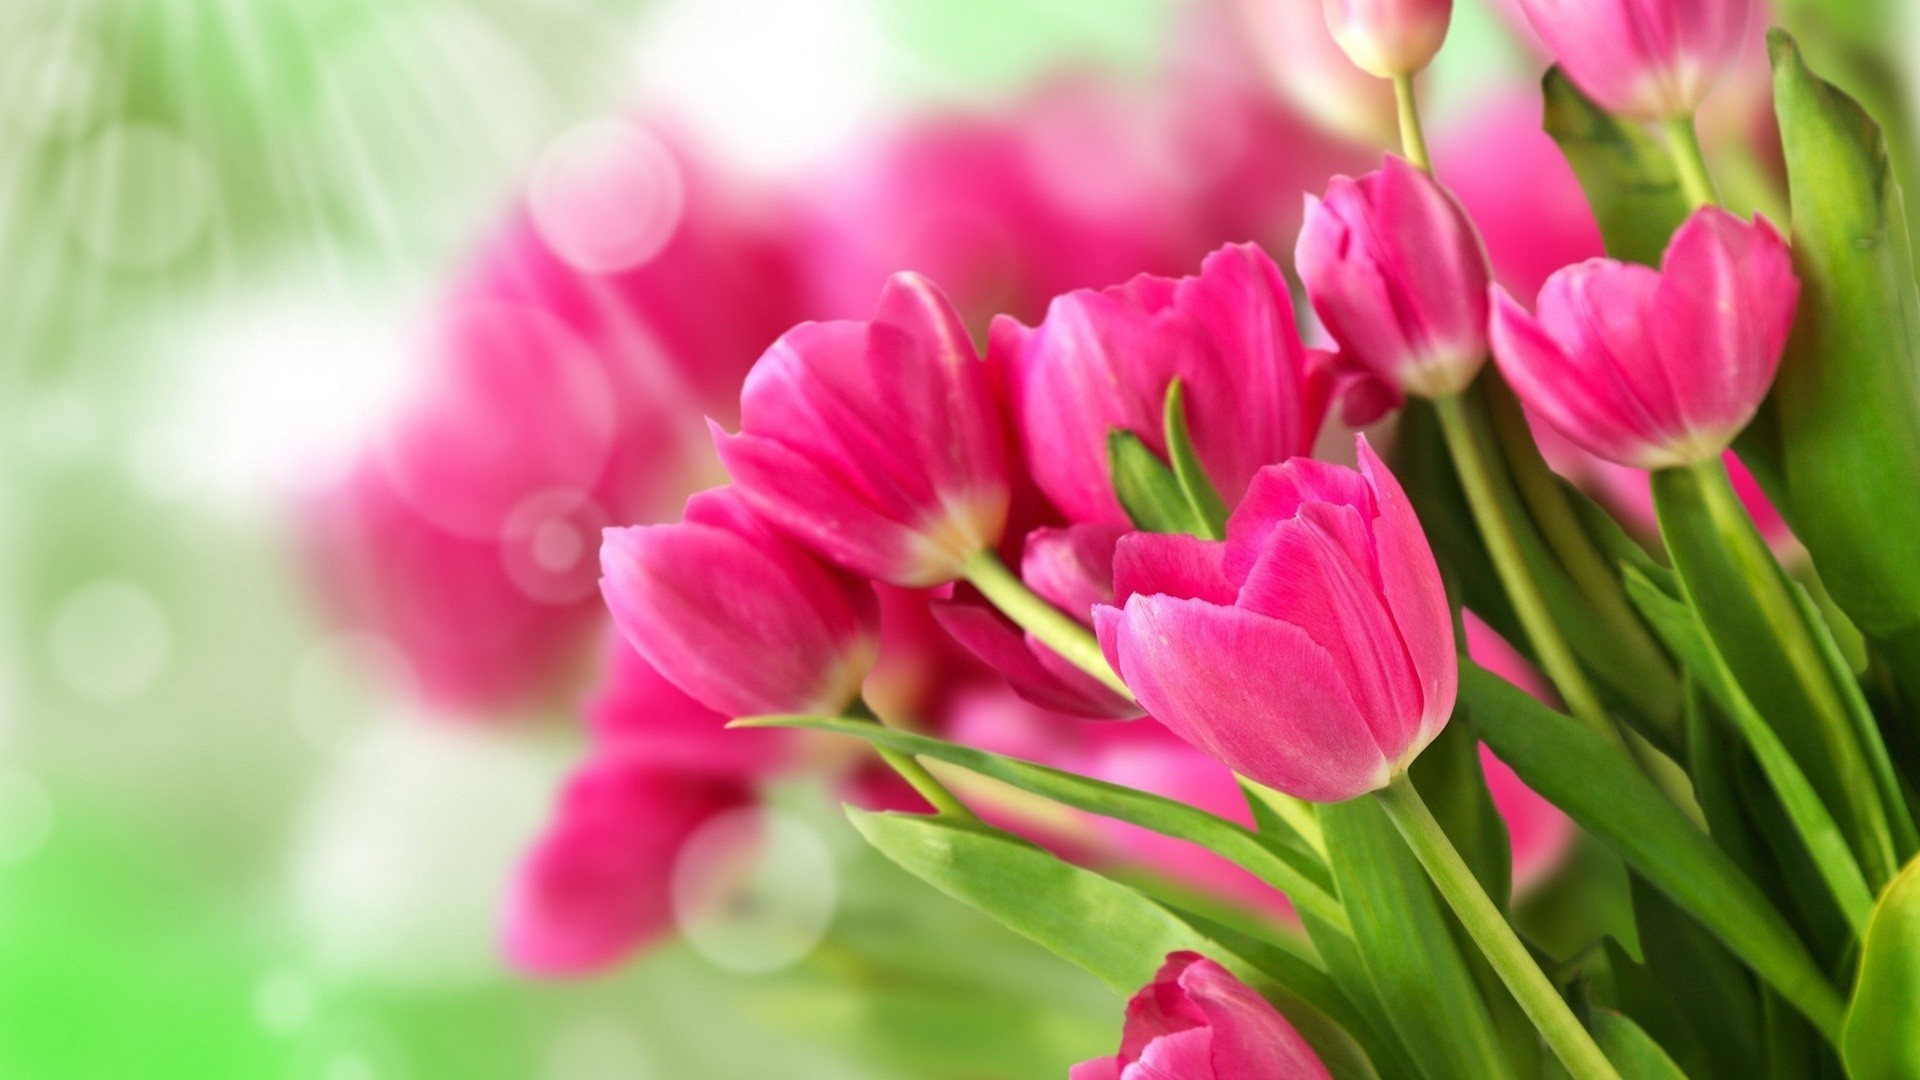 тюльпаны свет цветы  № 736278 бесплатно